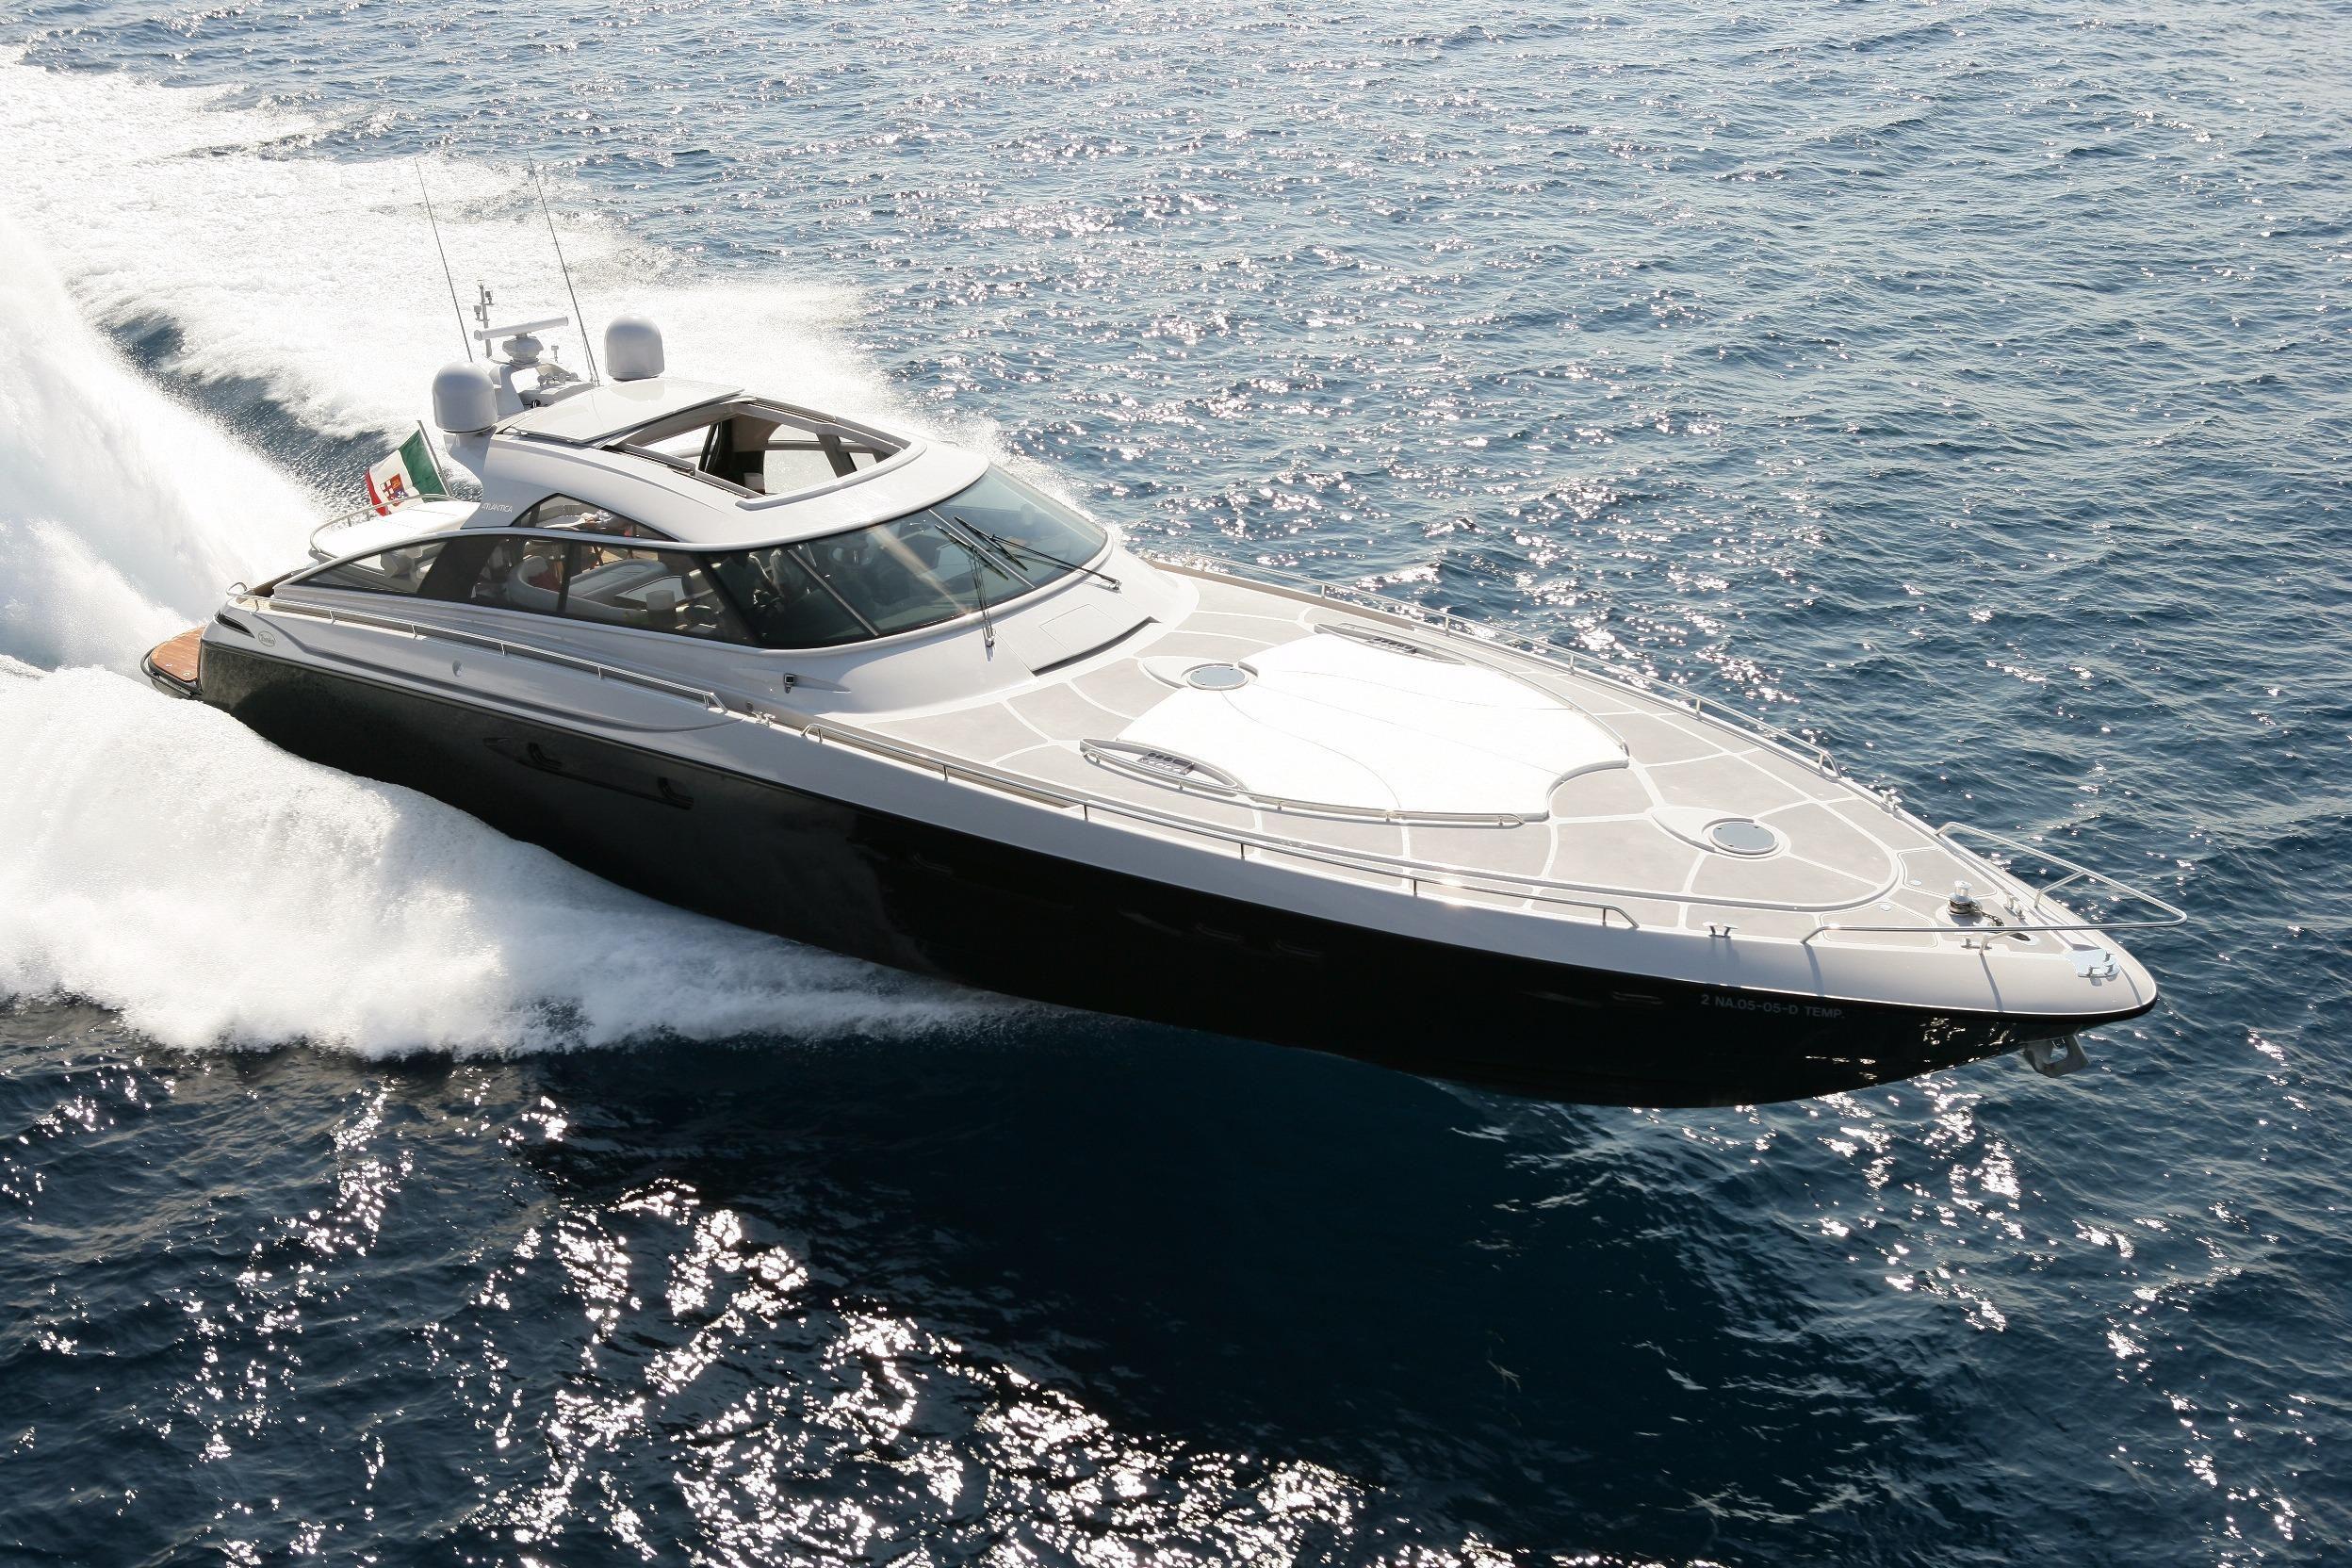 2006 Baia Atlantica 78 Power Boat For Sale - www yachtworld com